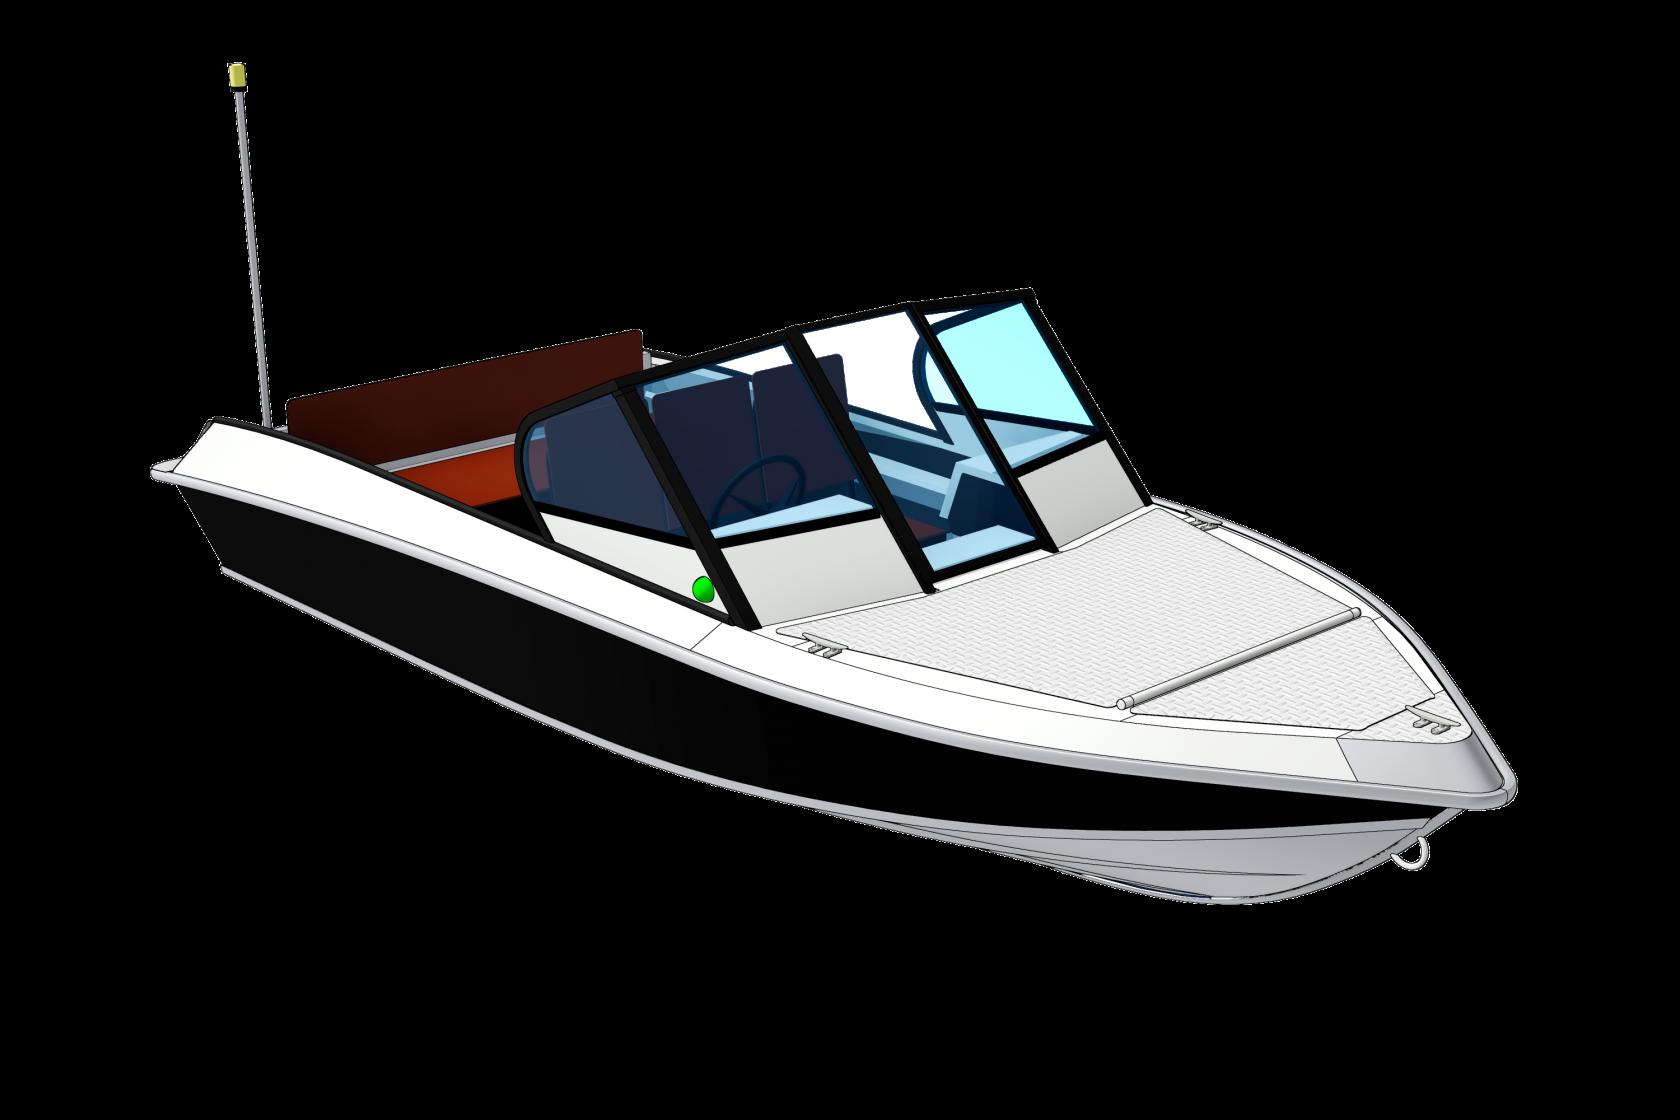 Трансформер с носовой палубой-крышкой (BowDeck Transformer)